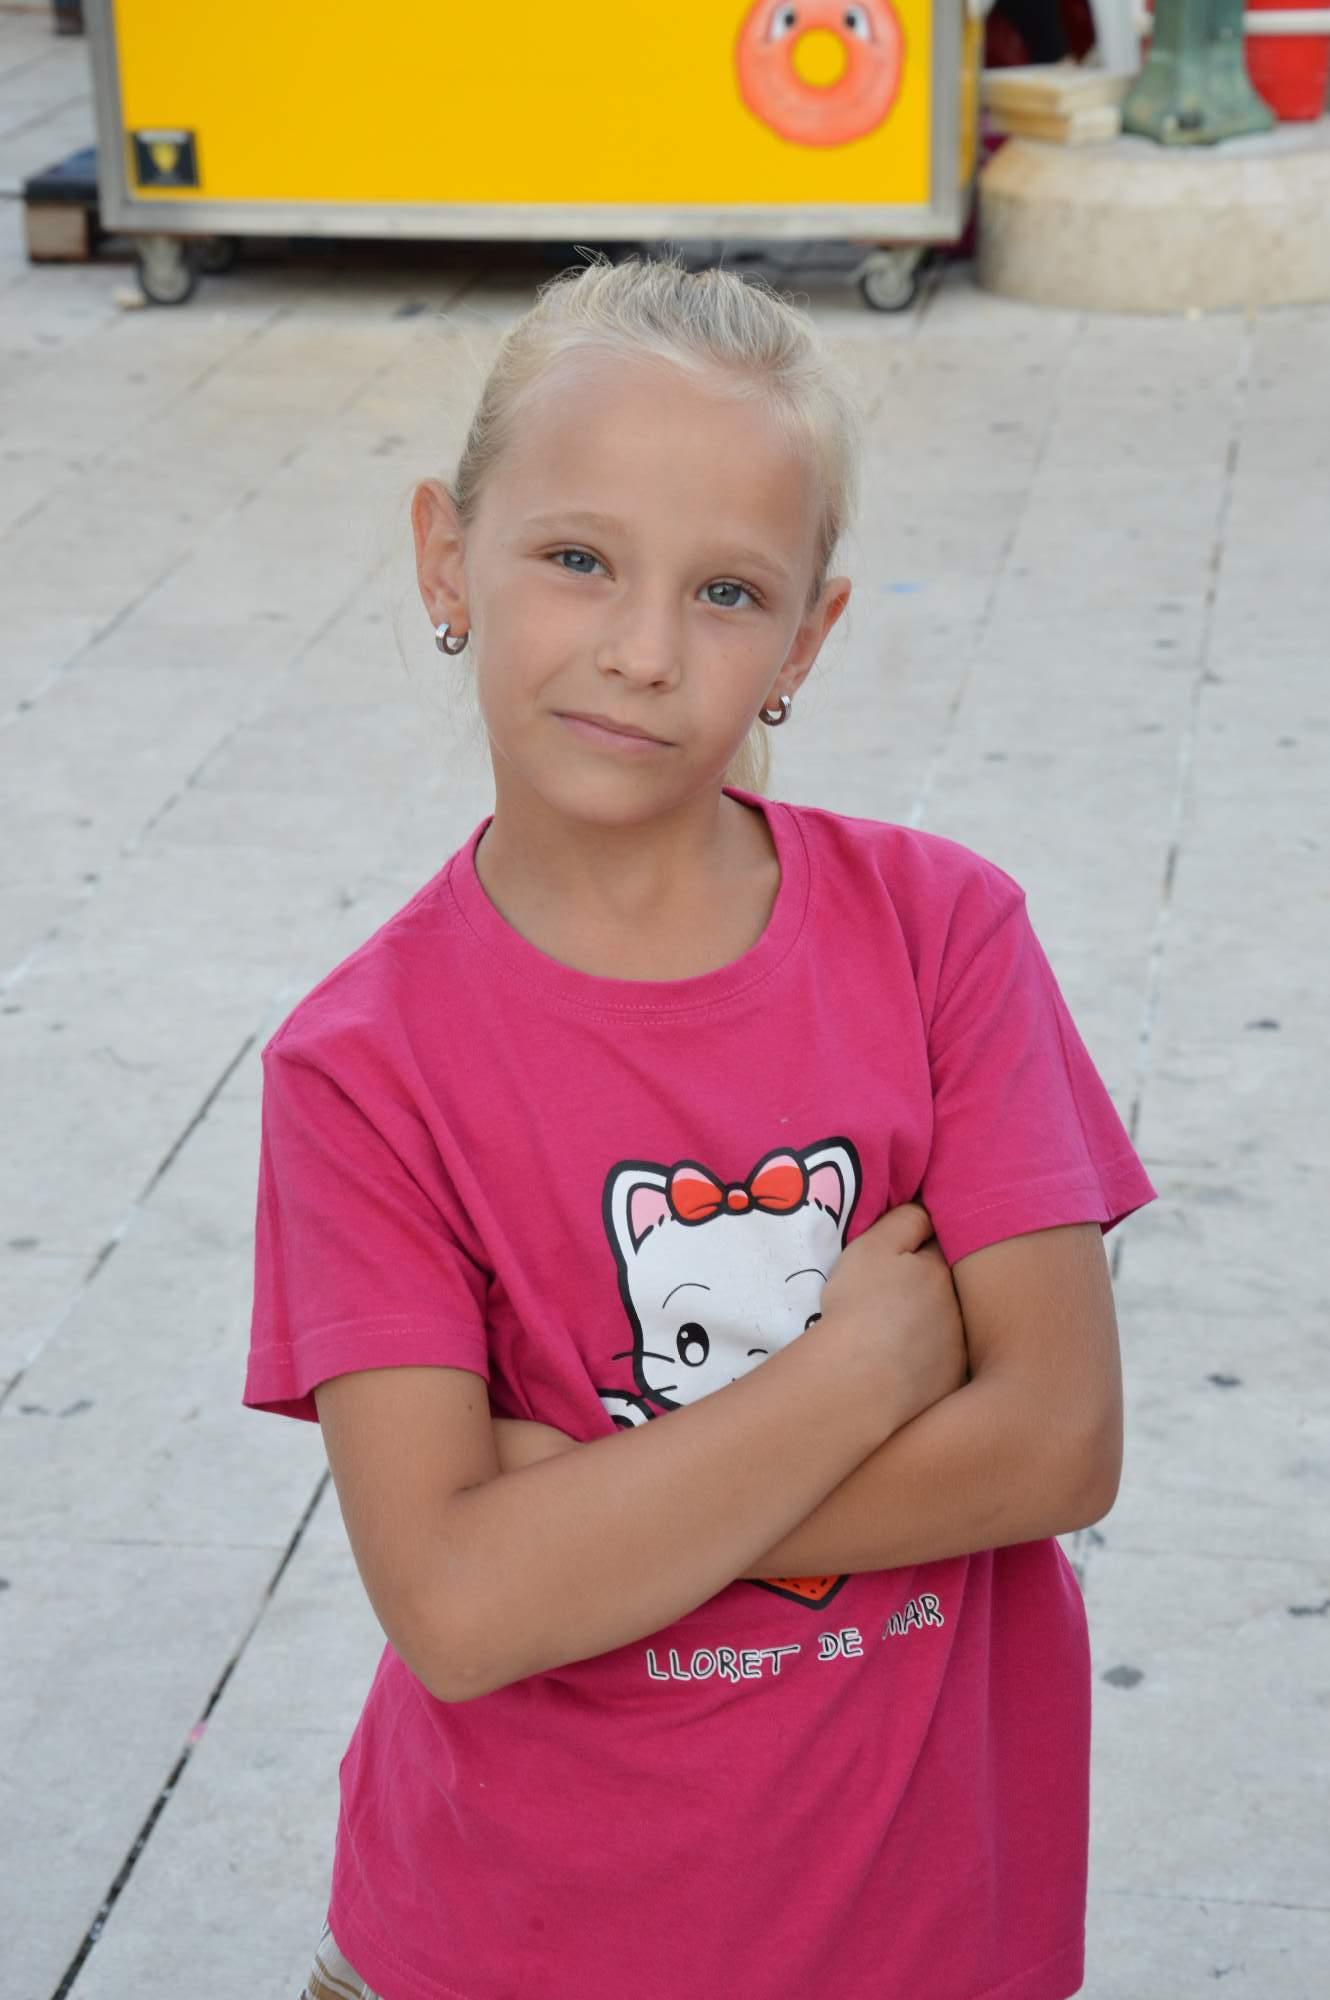 http://img19.rajce.idnes.cz/d1902/11/11369/11369498_ba1b1cc51aa2b100ecd01c05fe1b9075/images/DSC_0099.jpg